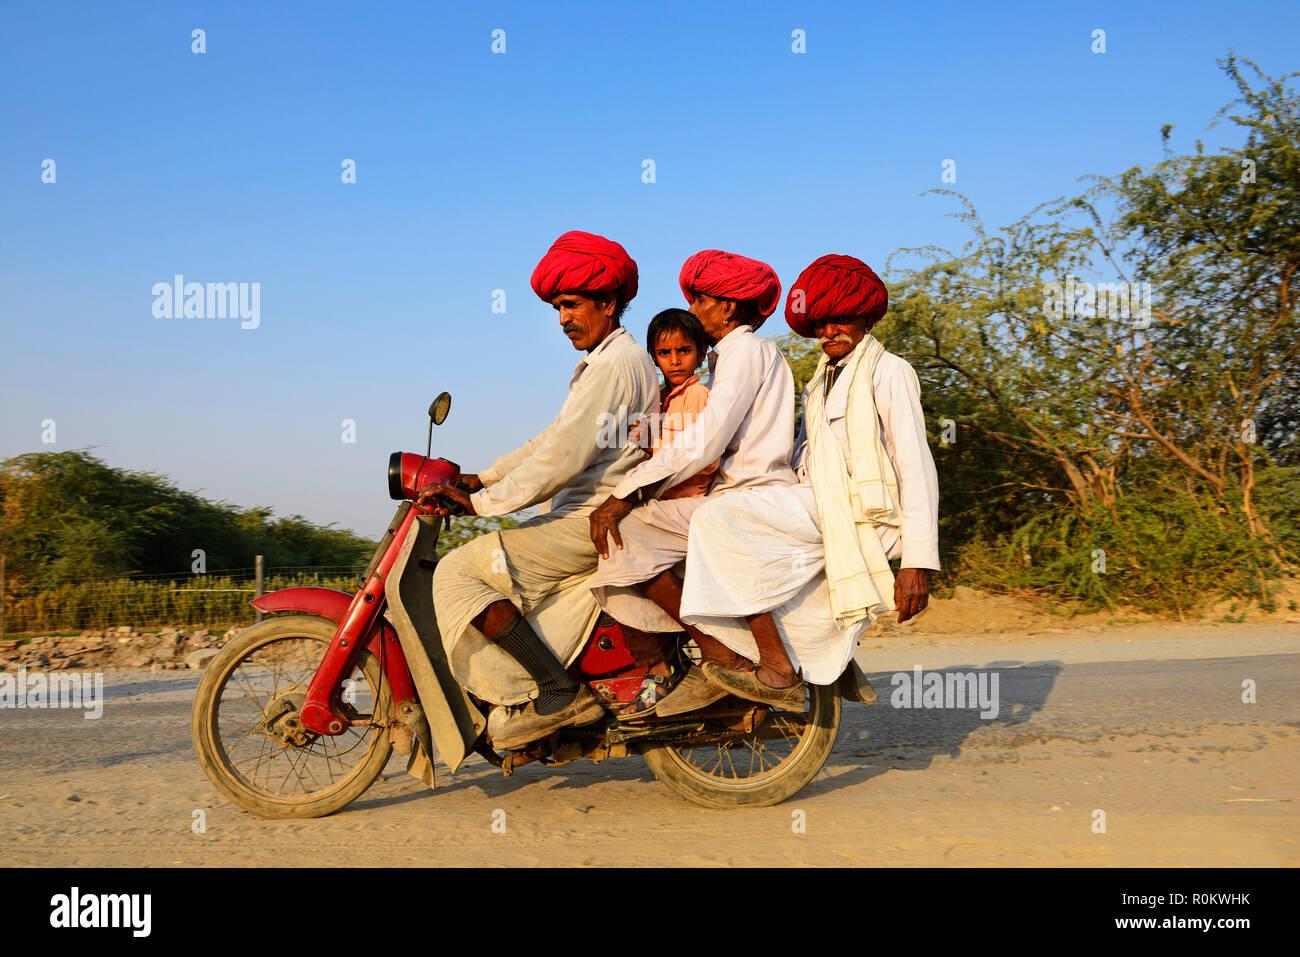 Quatre hommes de trois générations ensemble sur une moto, Rajasthan, Inde Photo Stock